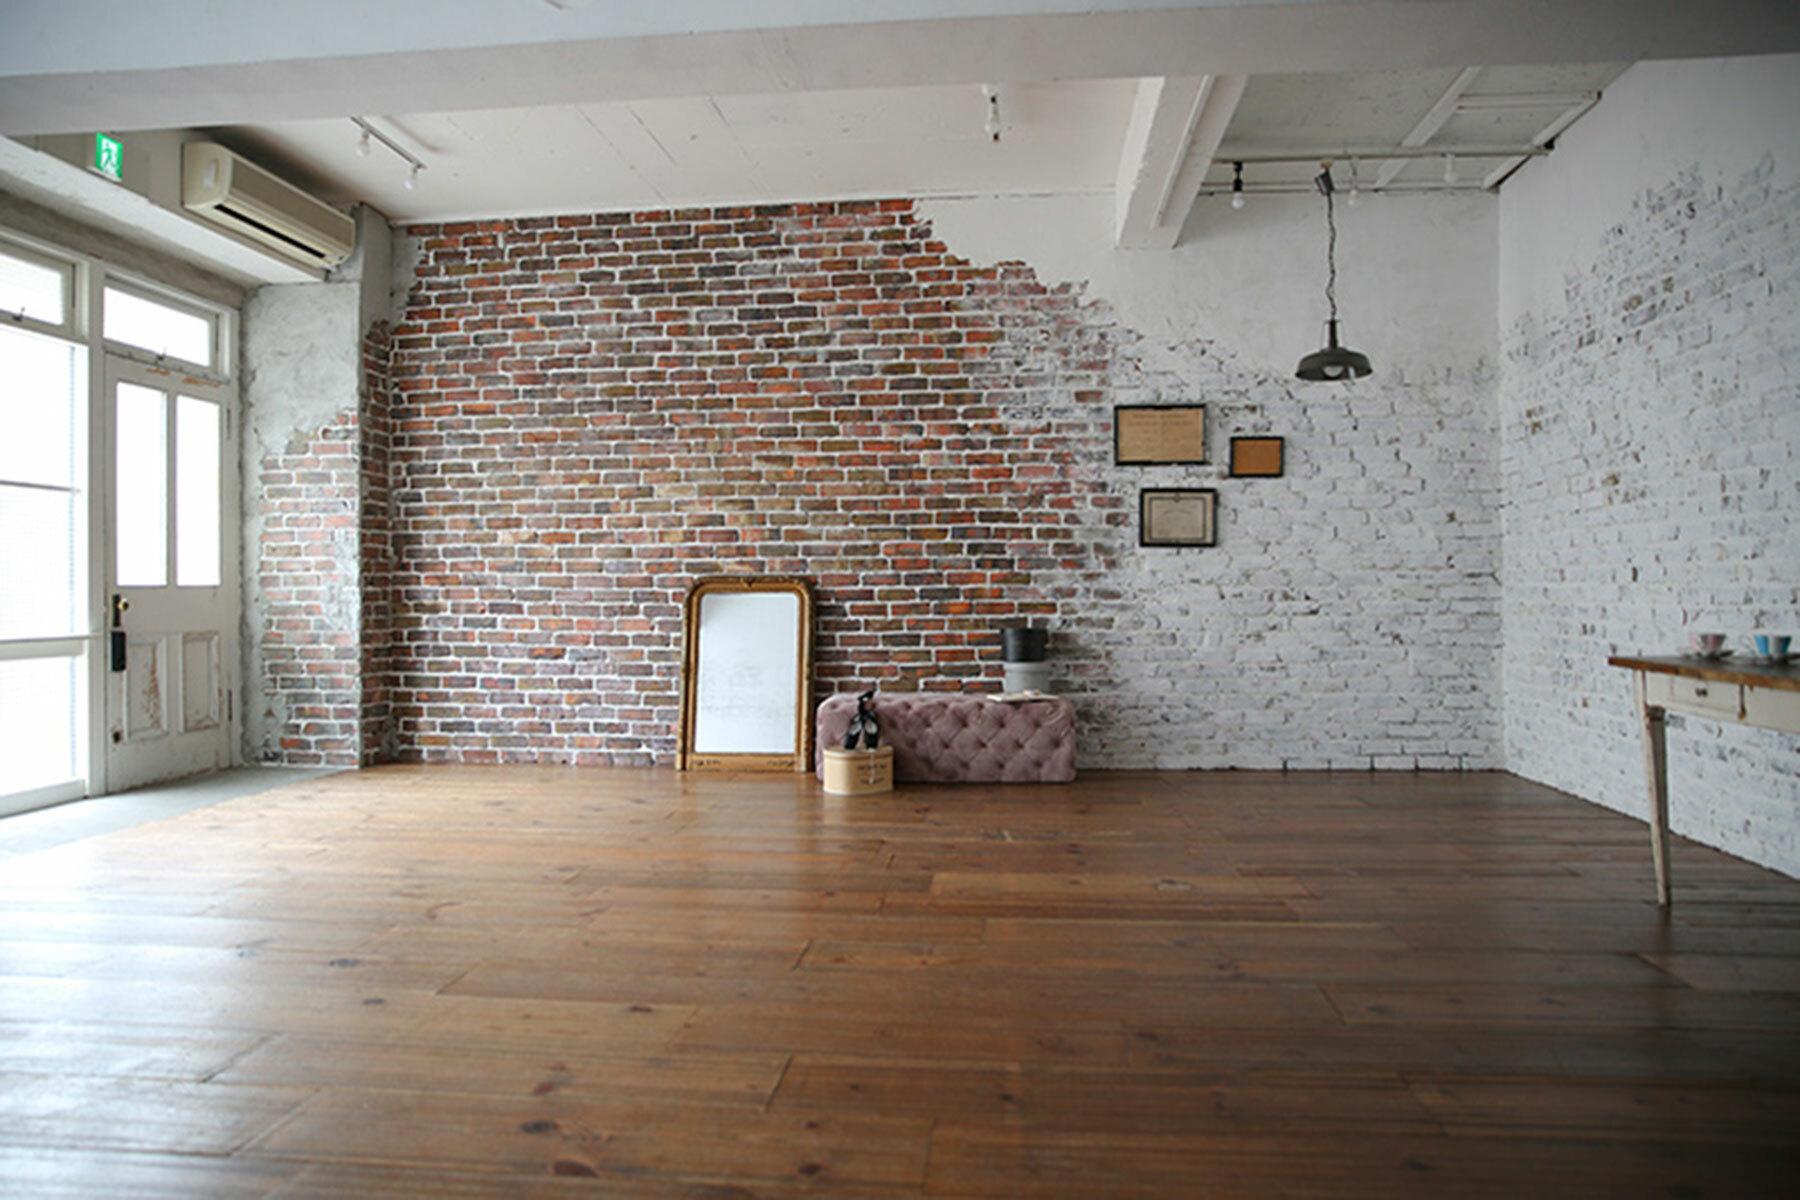 studio Slow (旧LaMOMO) 自由が丘南側 ナチュラルな部屋